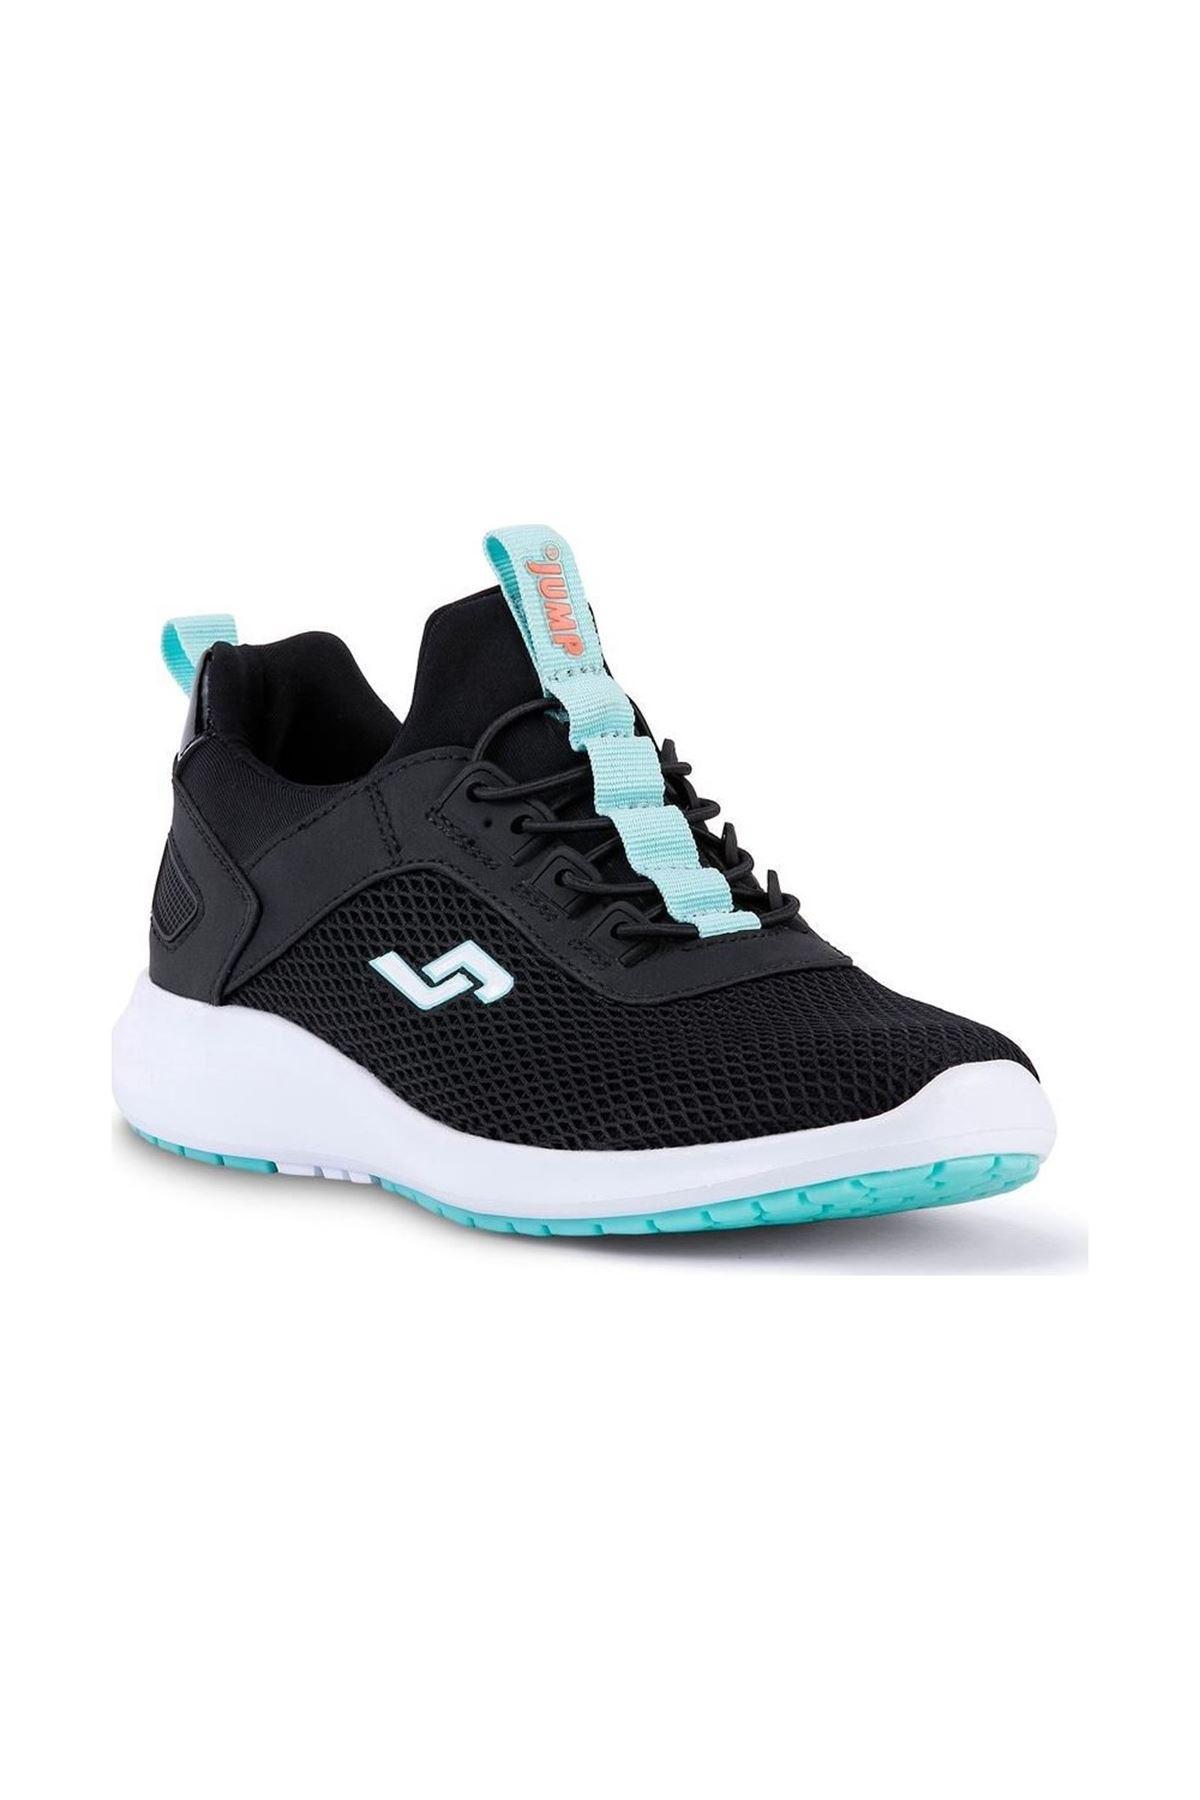 Jump - 24816 Siyah Yeşil Detaylı Kadın Spor Ayakkabısı